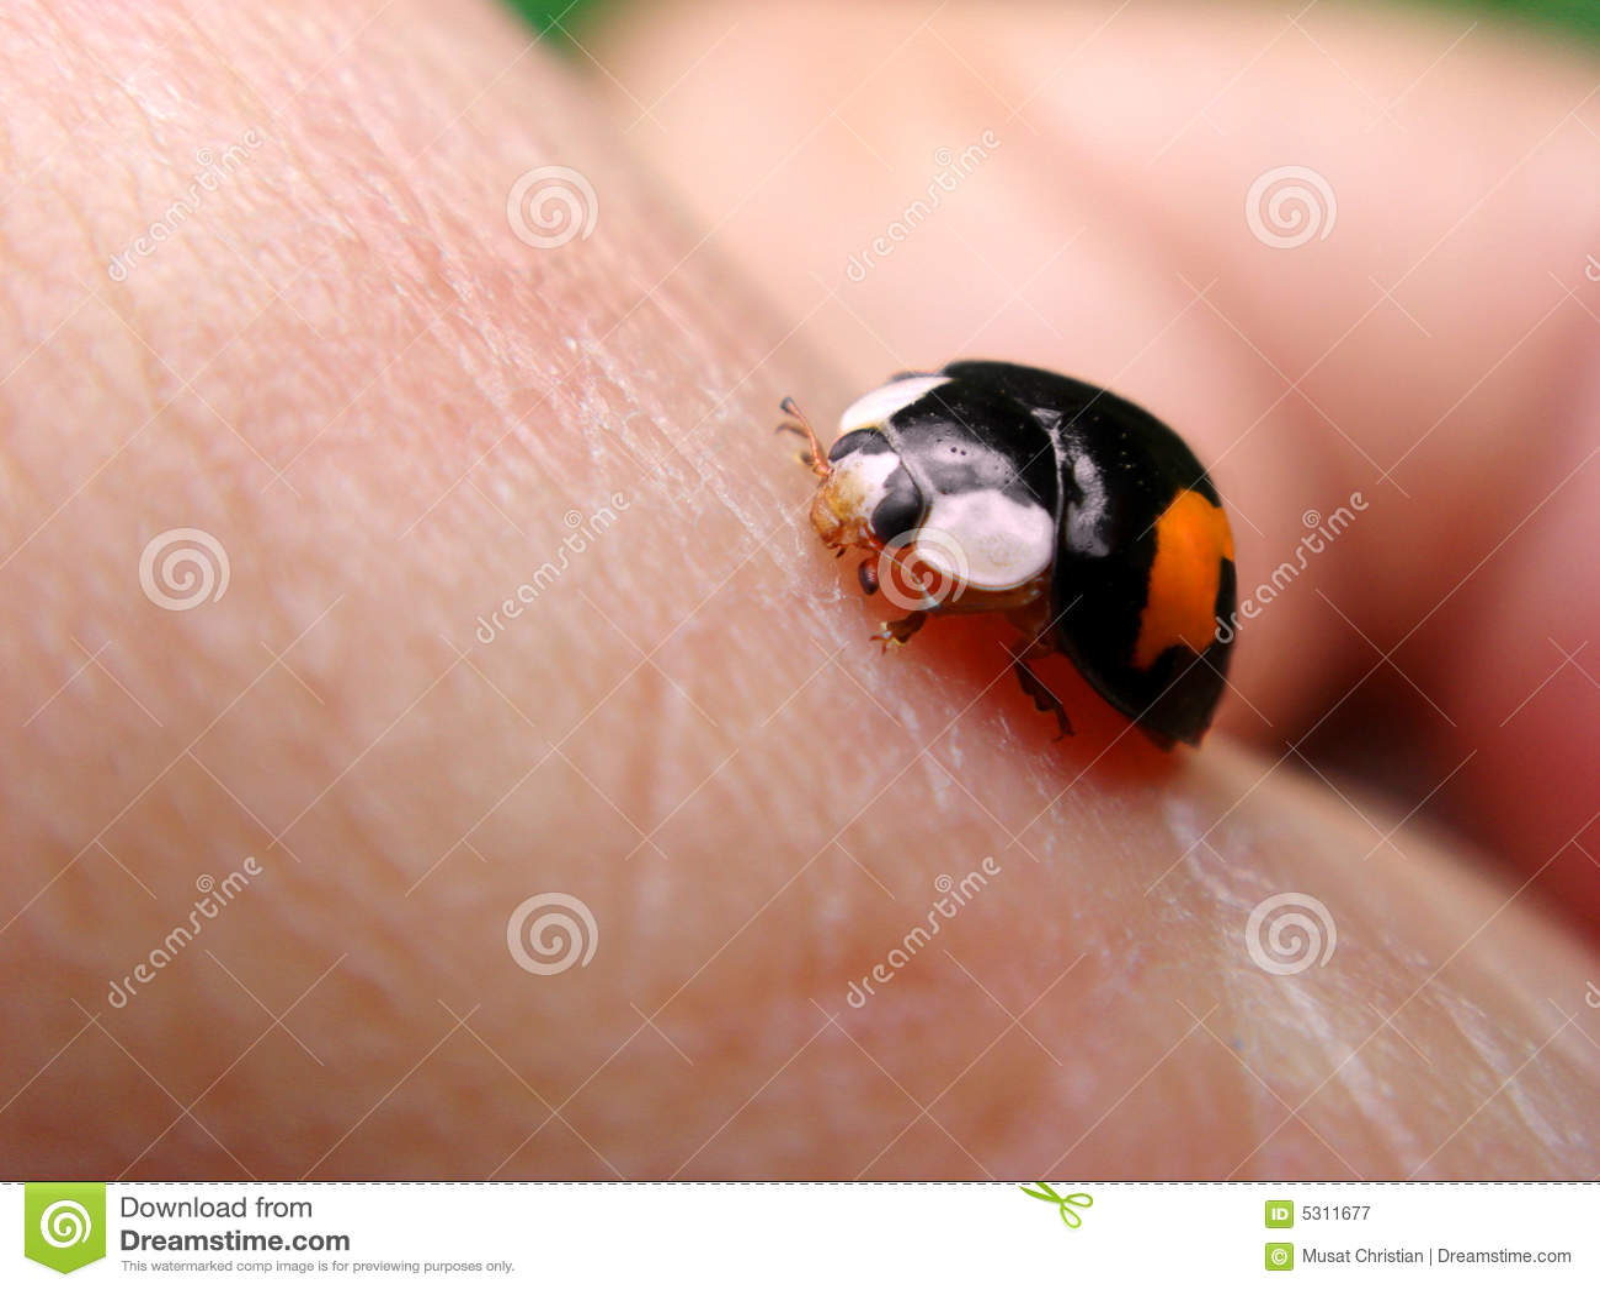 Download Ladybug sulla pelle immagine stock. Immagine di nero, pink - 5311677